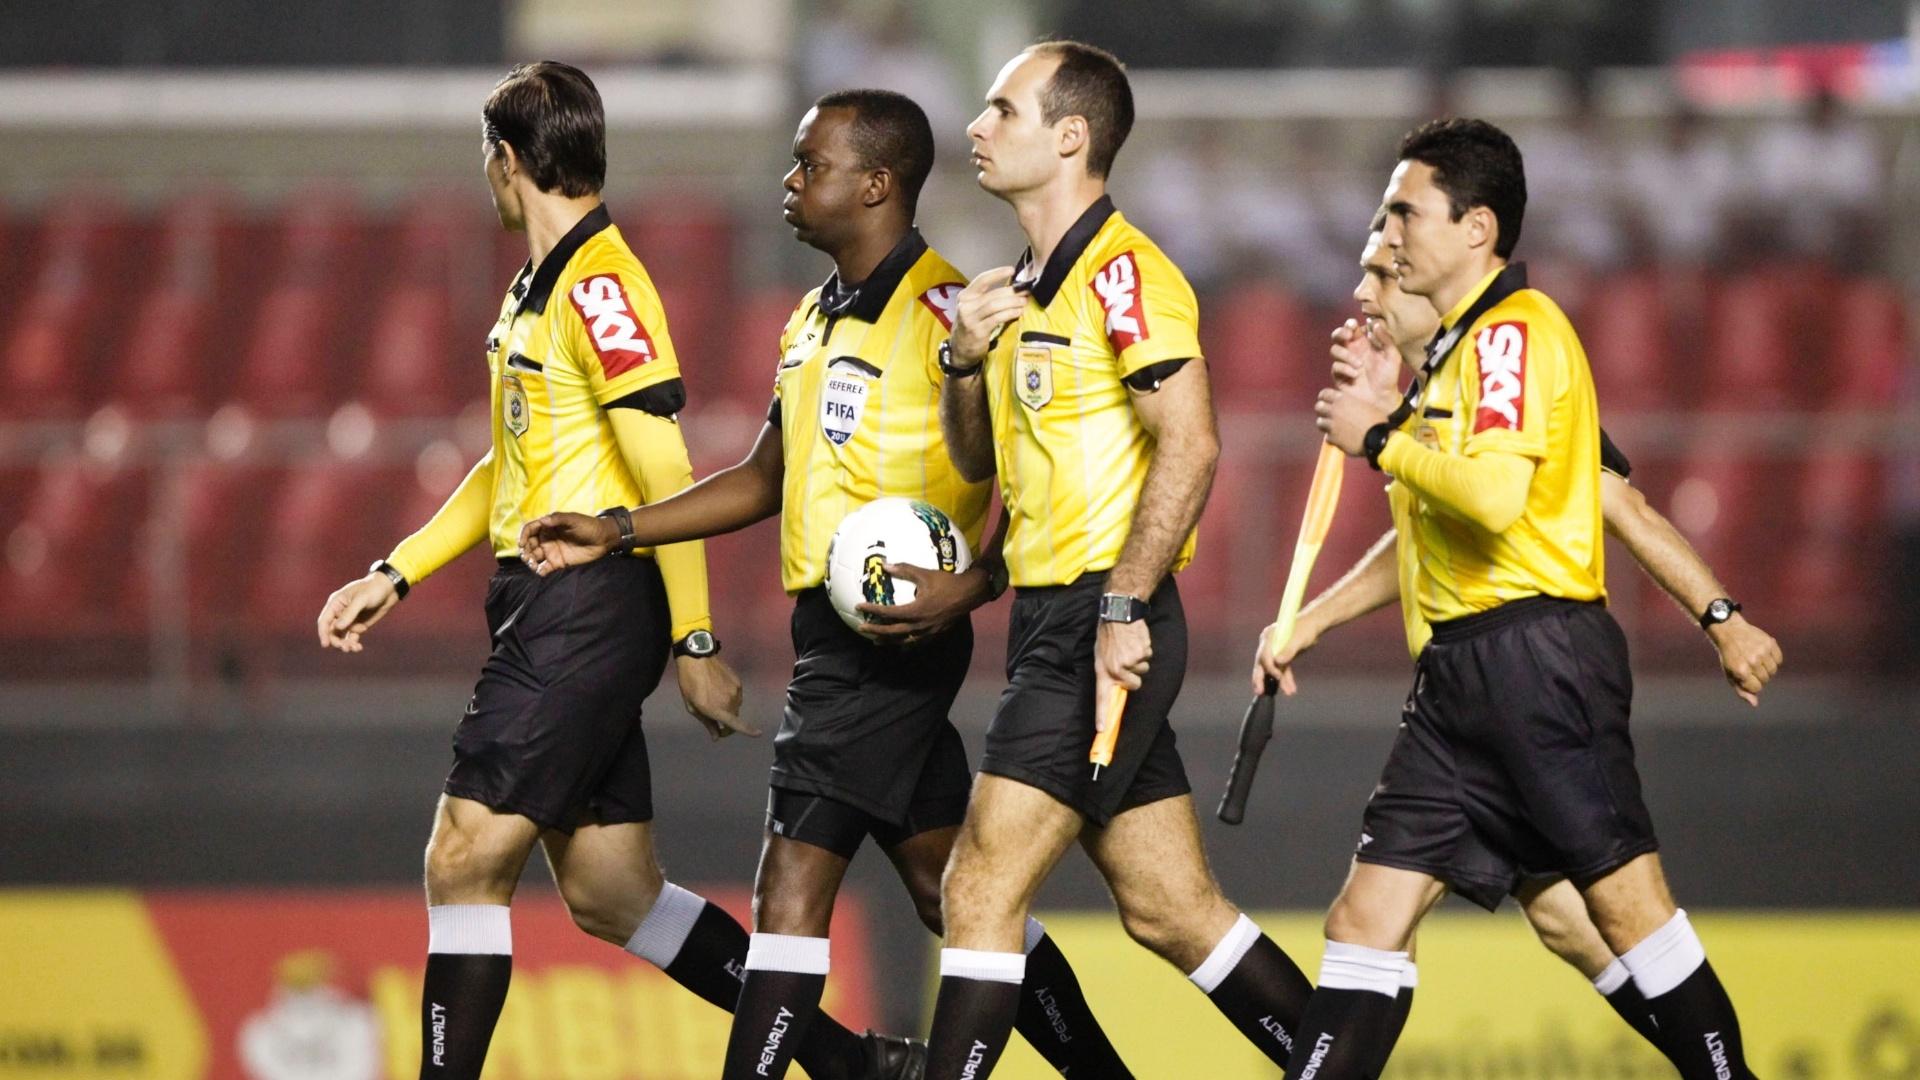 Árbitro Paulo César Oliveira, acompanhado por seus auxiliares Vicente Romano Neto e Danilo Ricardo Simon Manis, entra em campo no Morumbi para a partida entre São Paulo e Portuguesa